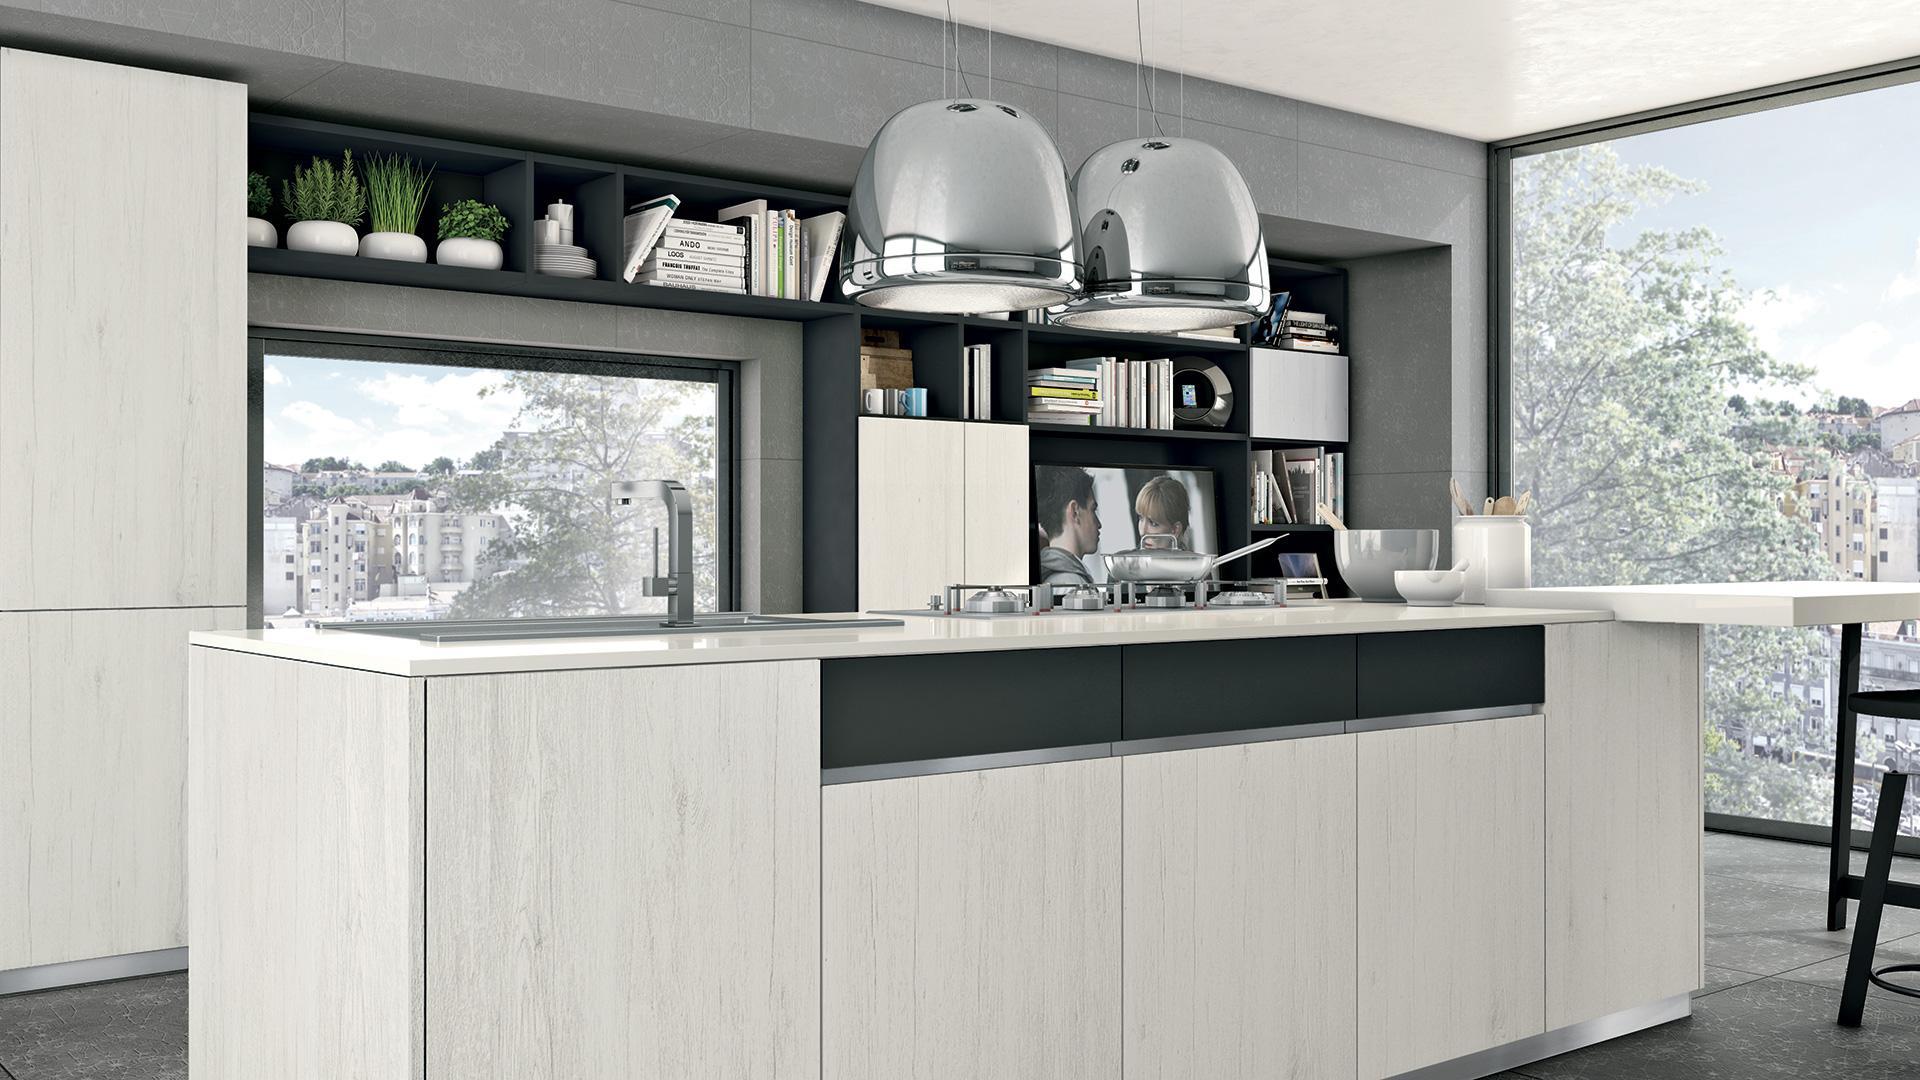 Rizzo arreda lube arredamenti paderno dugnano cucine moderna immagina - Cucine moderne con isola lube ...